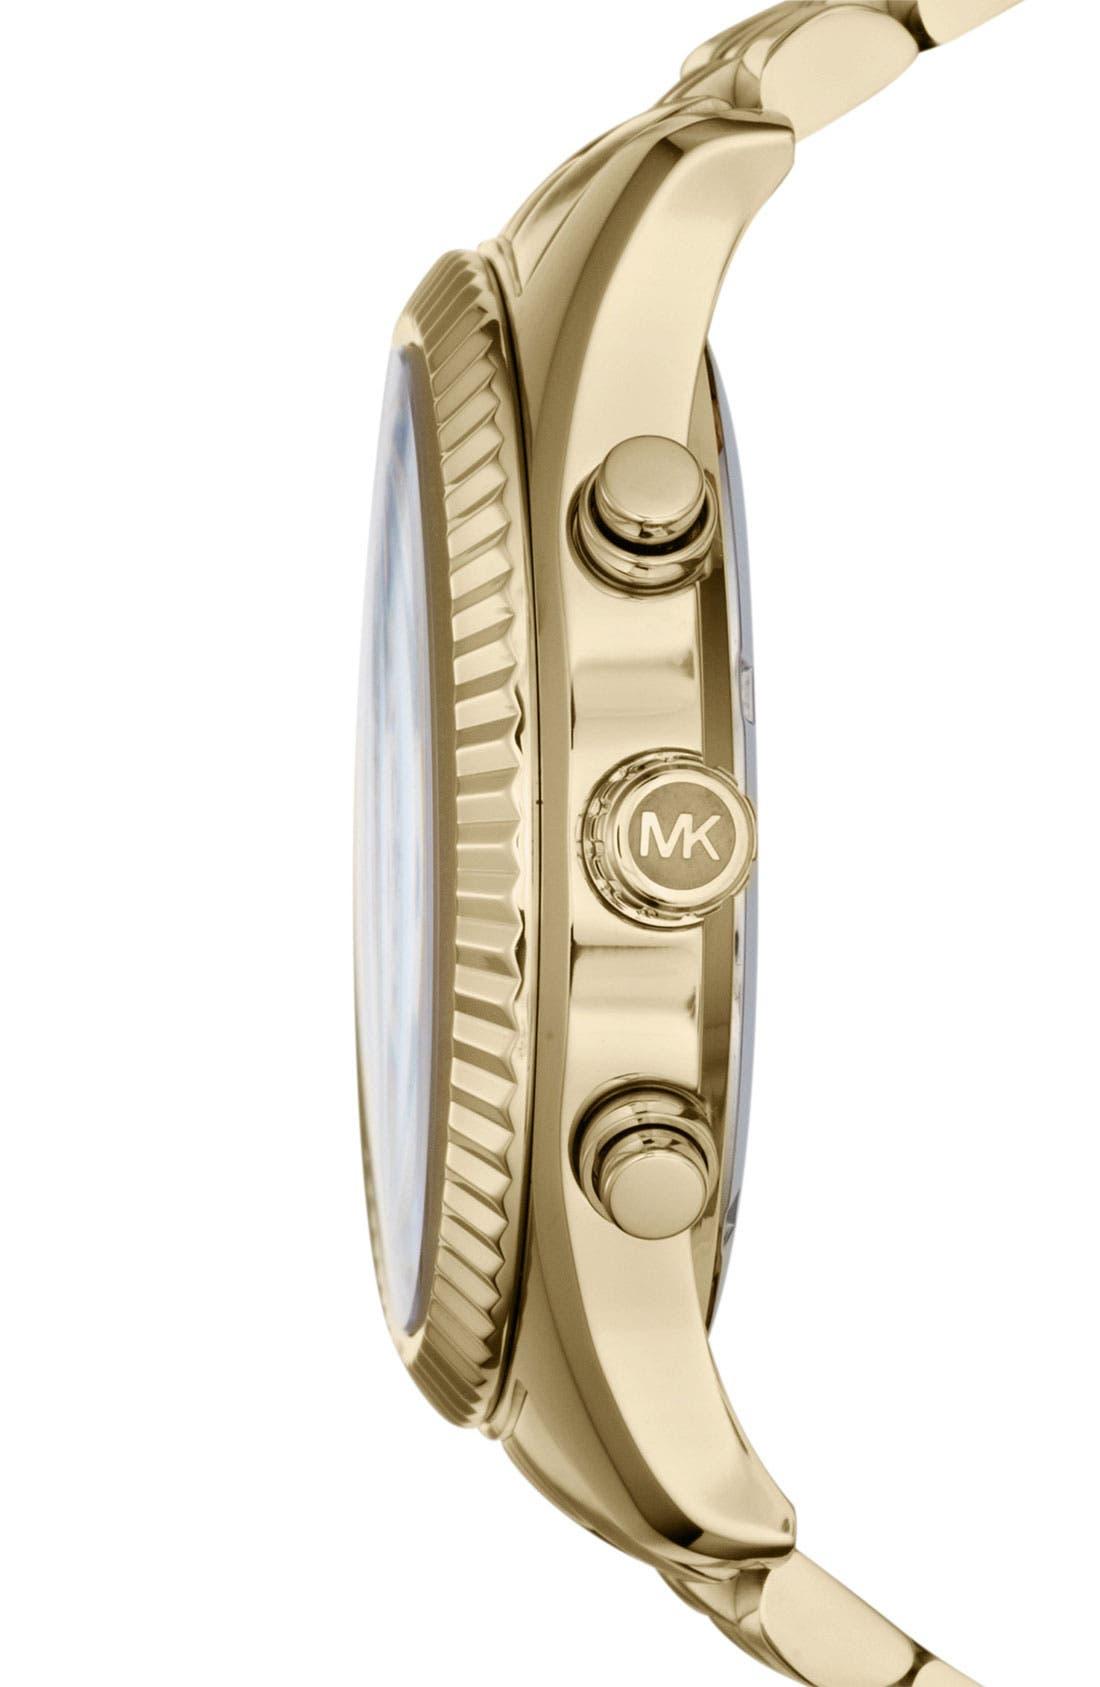 MICHAEL KORS, 'Large Lexington' Chronograph Bracelet Watch, 45mm, Alternate thumbnail 3, color, 710